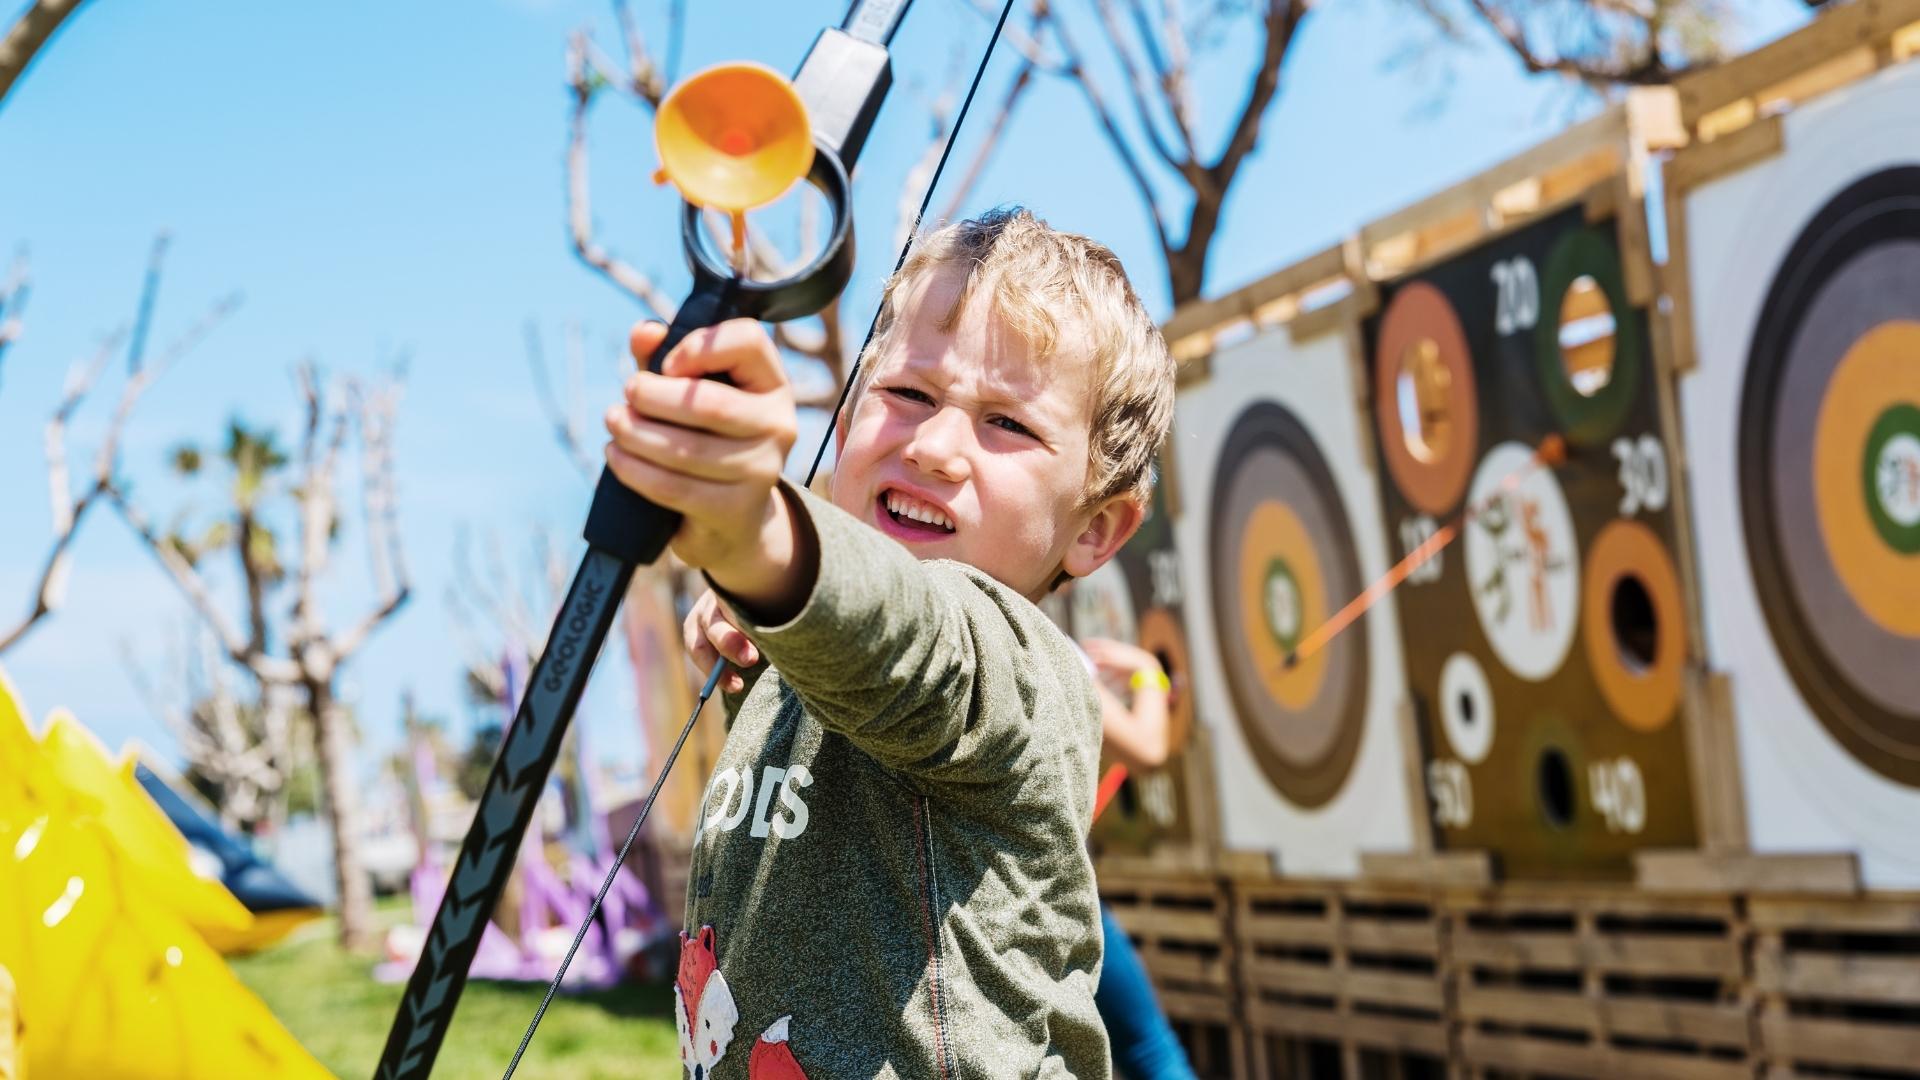 Archery at Fall Event near Kiawah Island